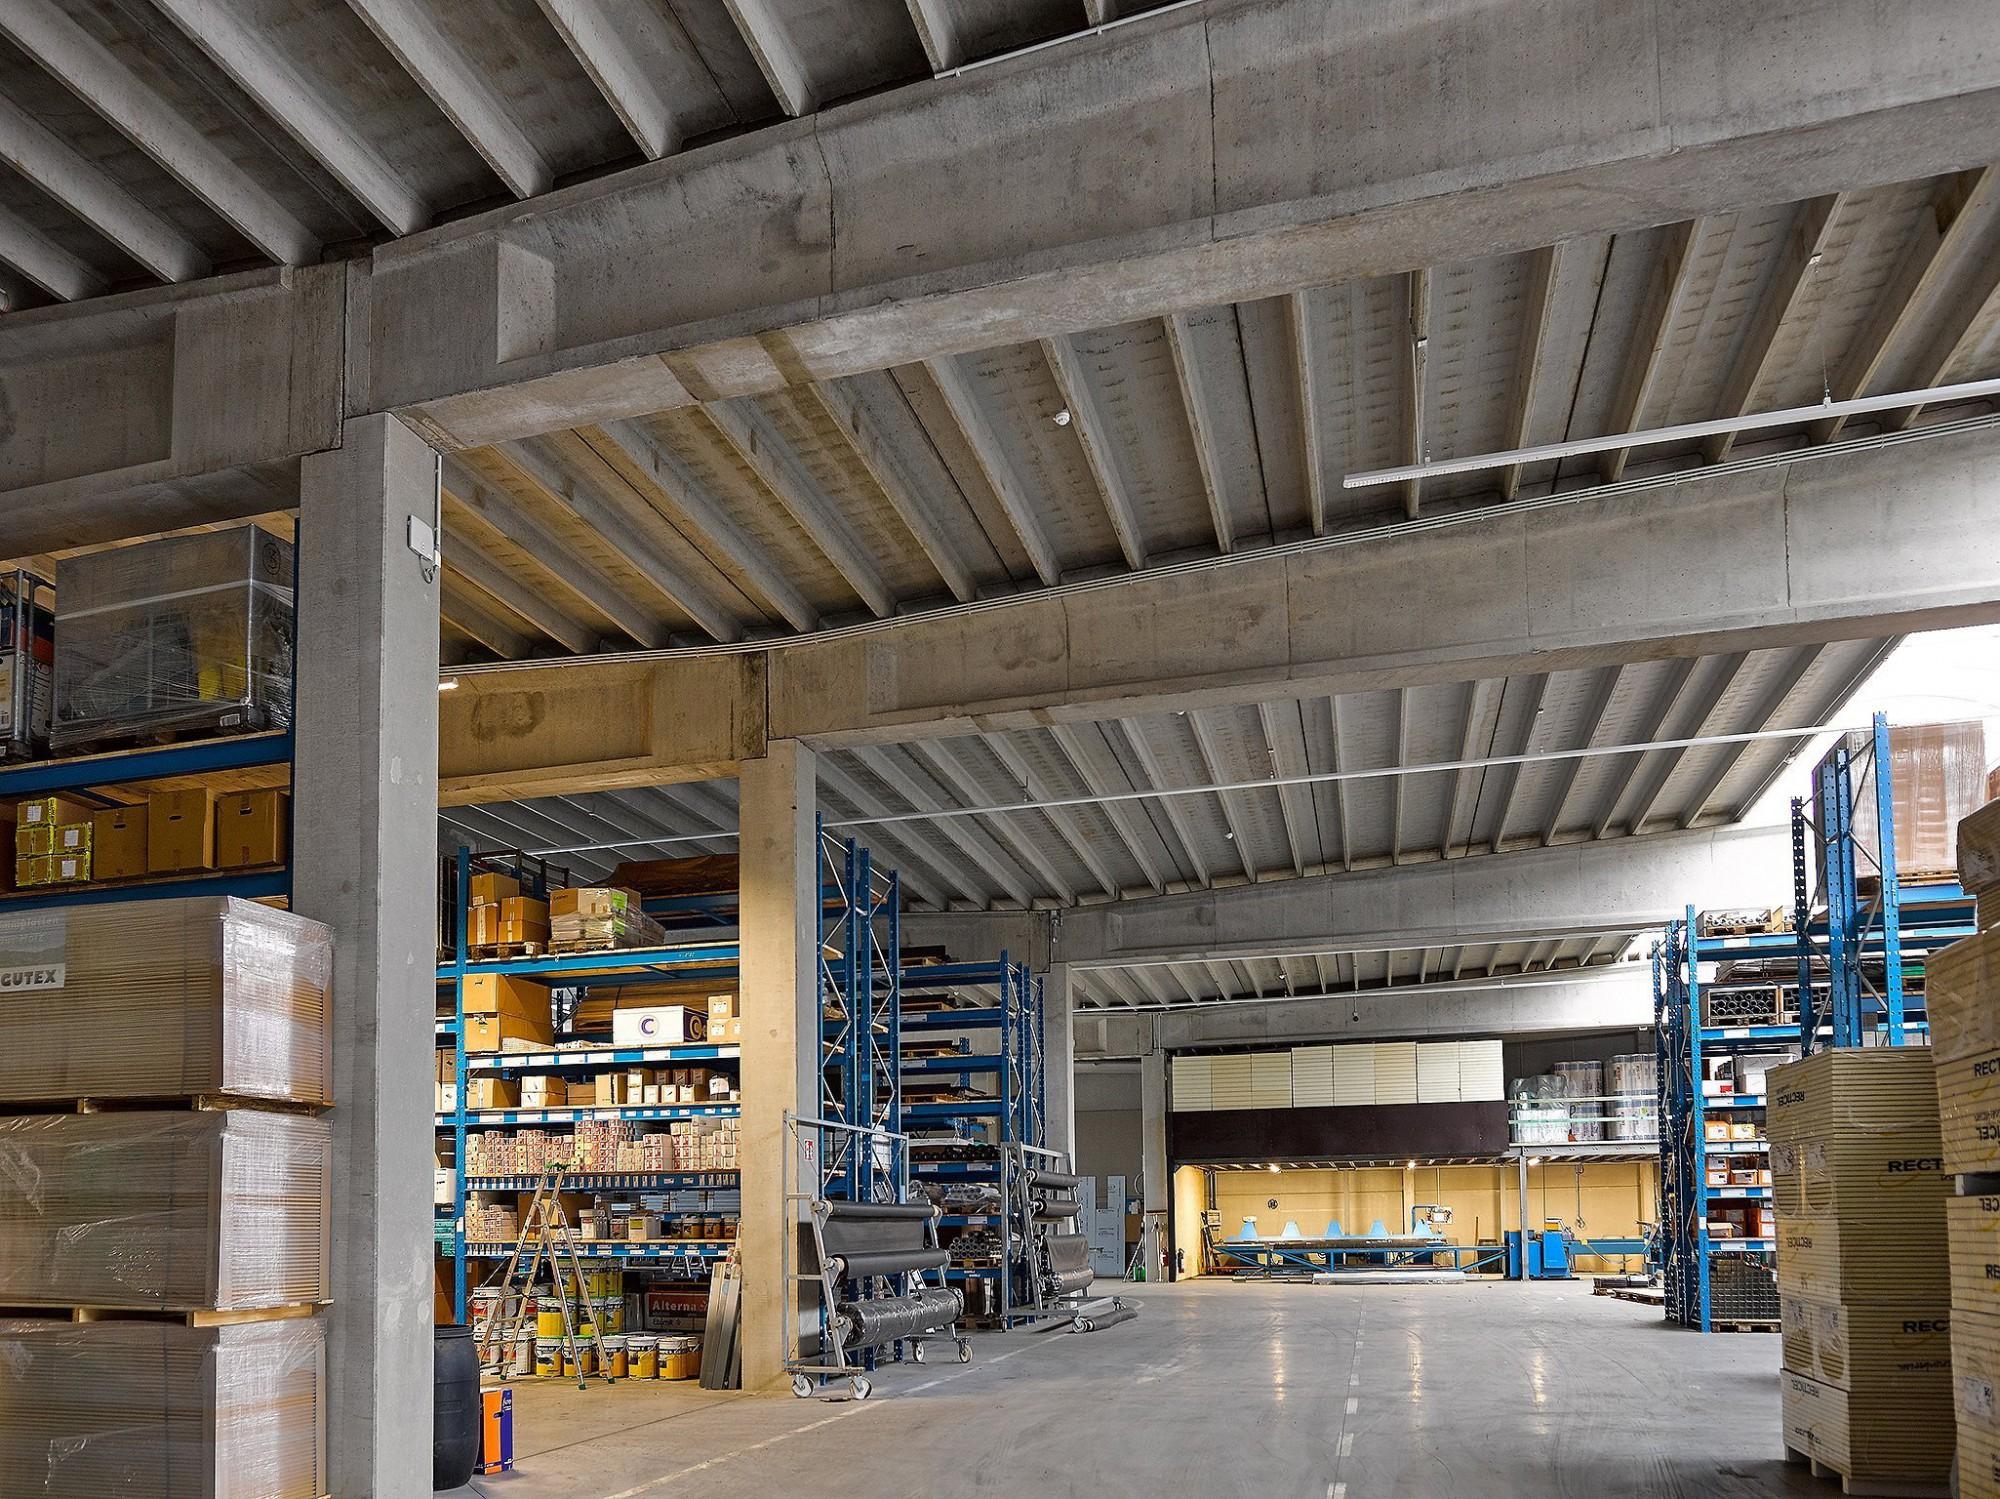 Afbeelding: Interieur fotografie industrie, beton gewelf gebouw voor Stadsbader.